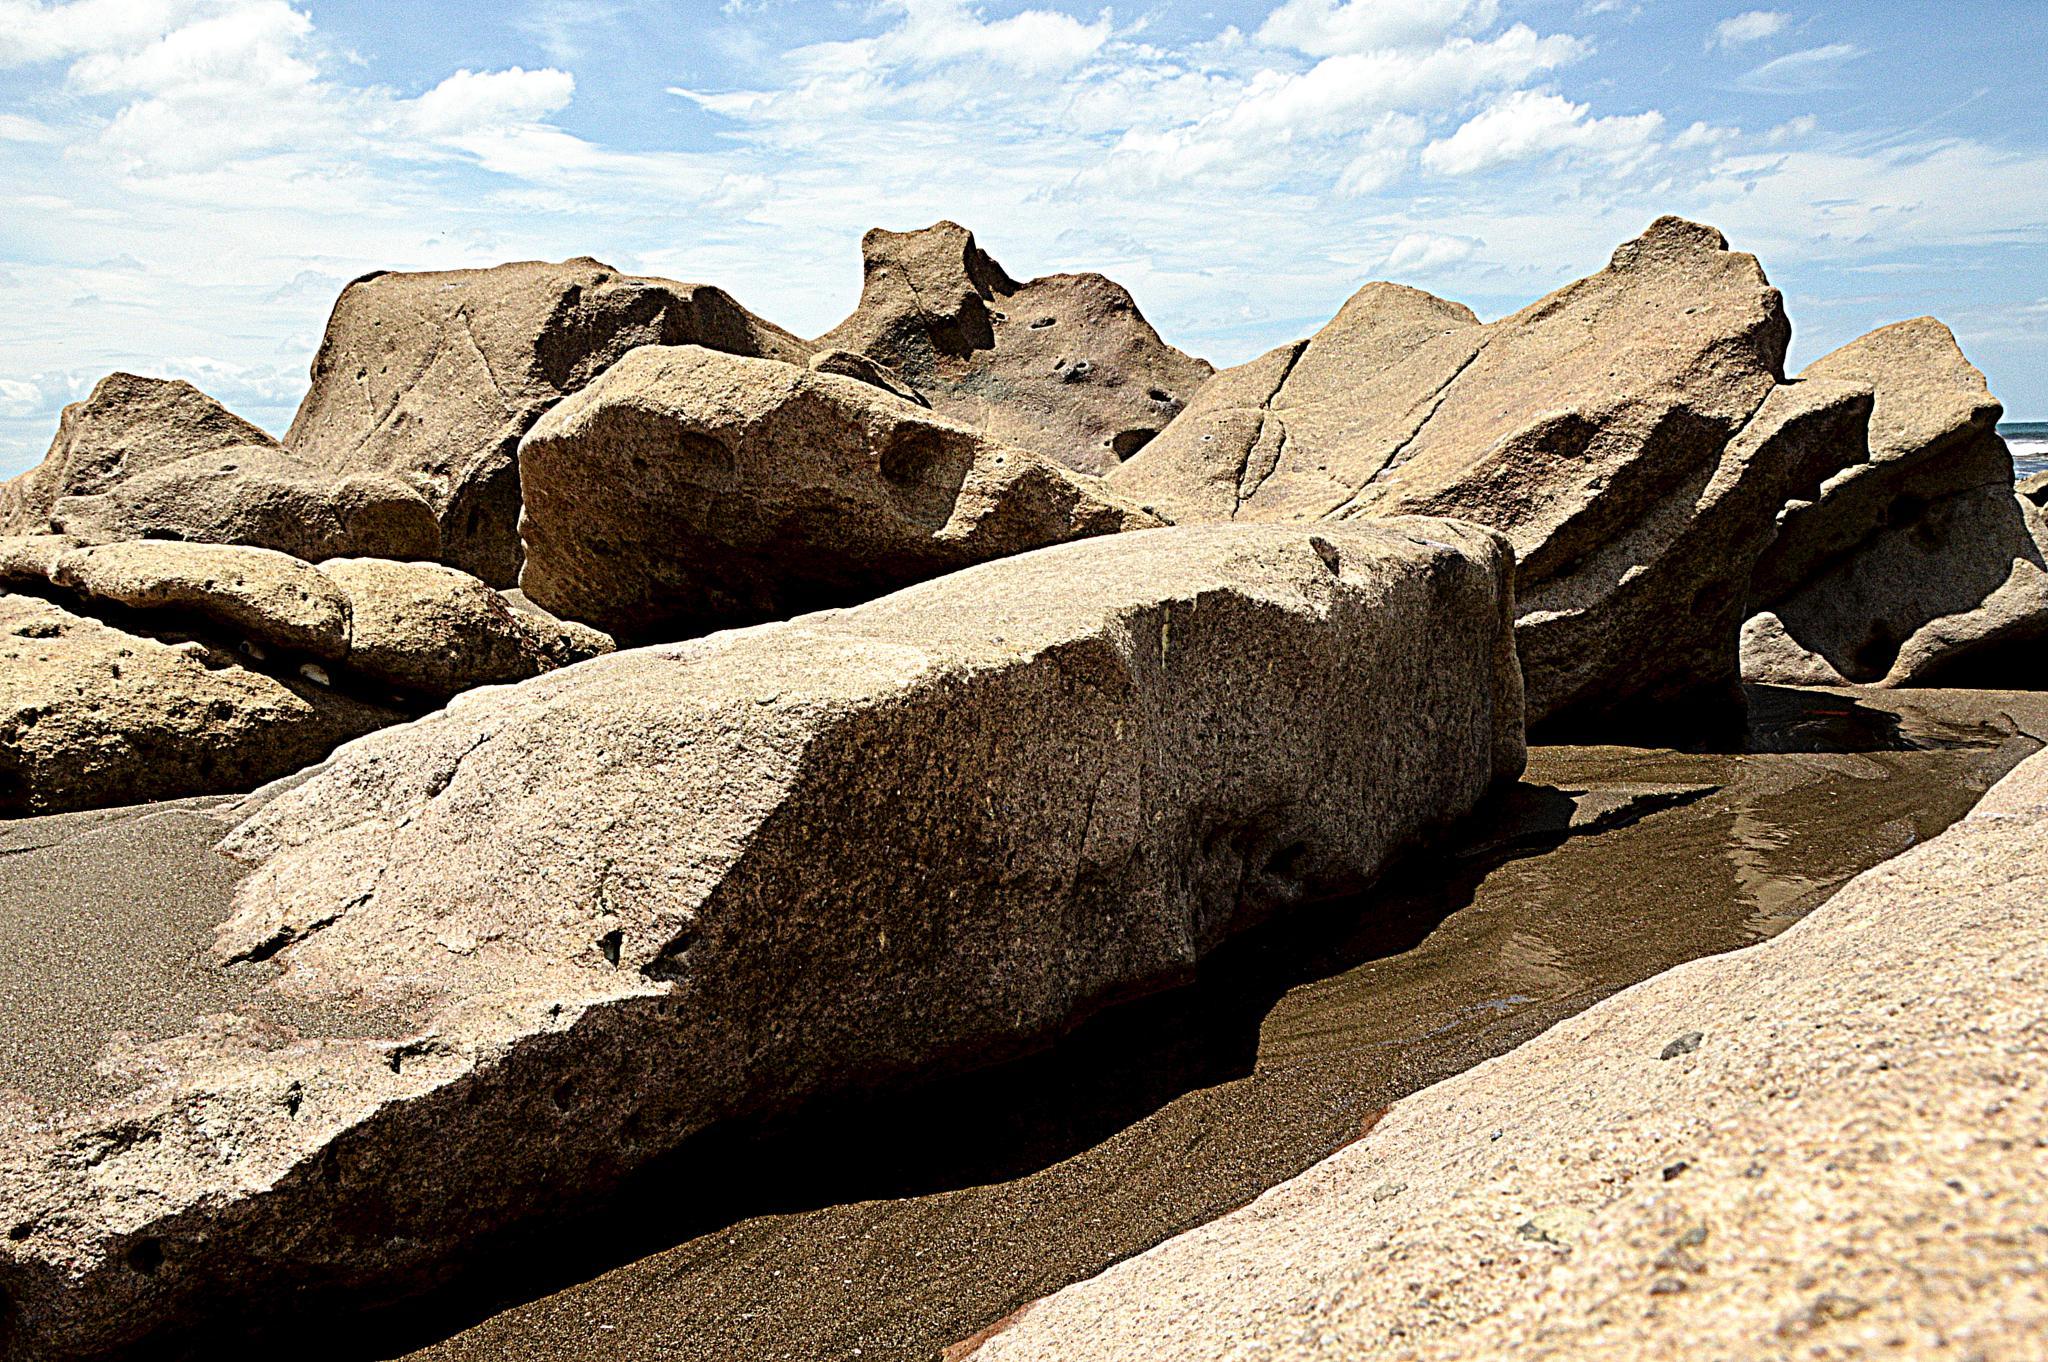 Seaside rocks by Ives Martinez